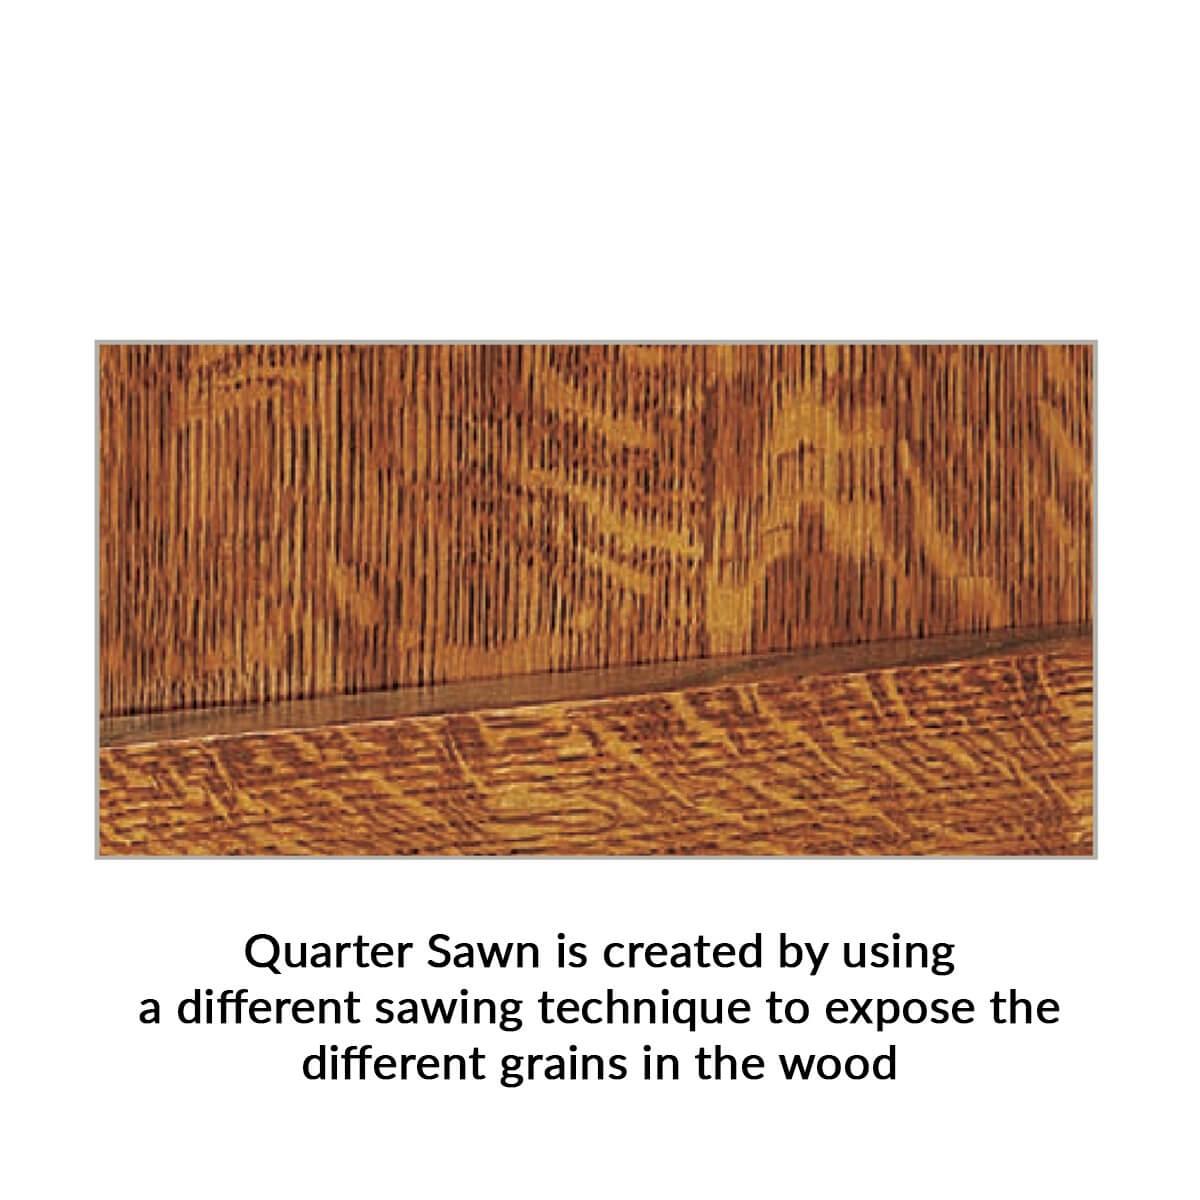 wpw-quarter-sawn-technique.jpg